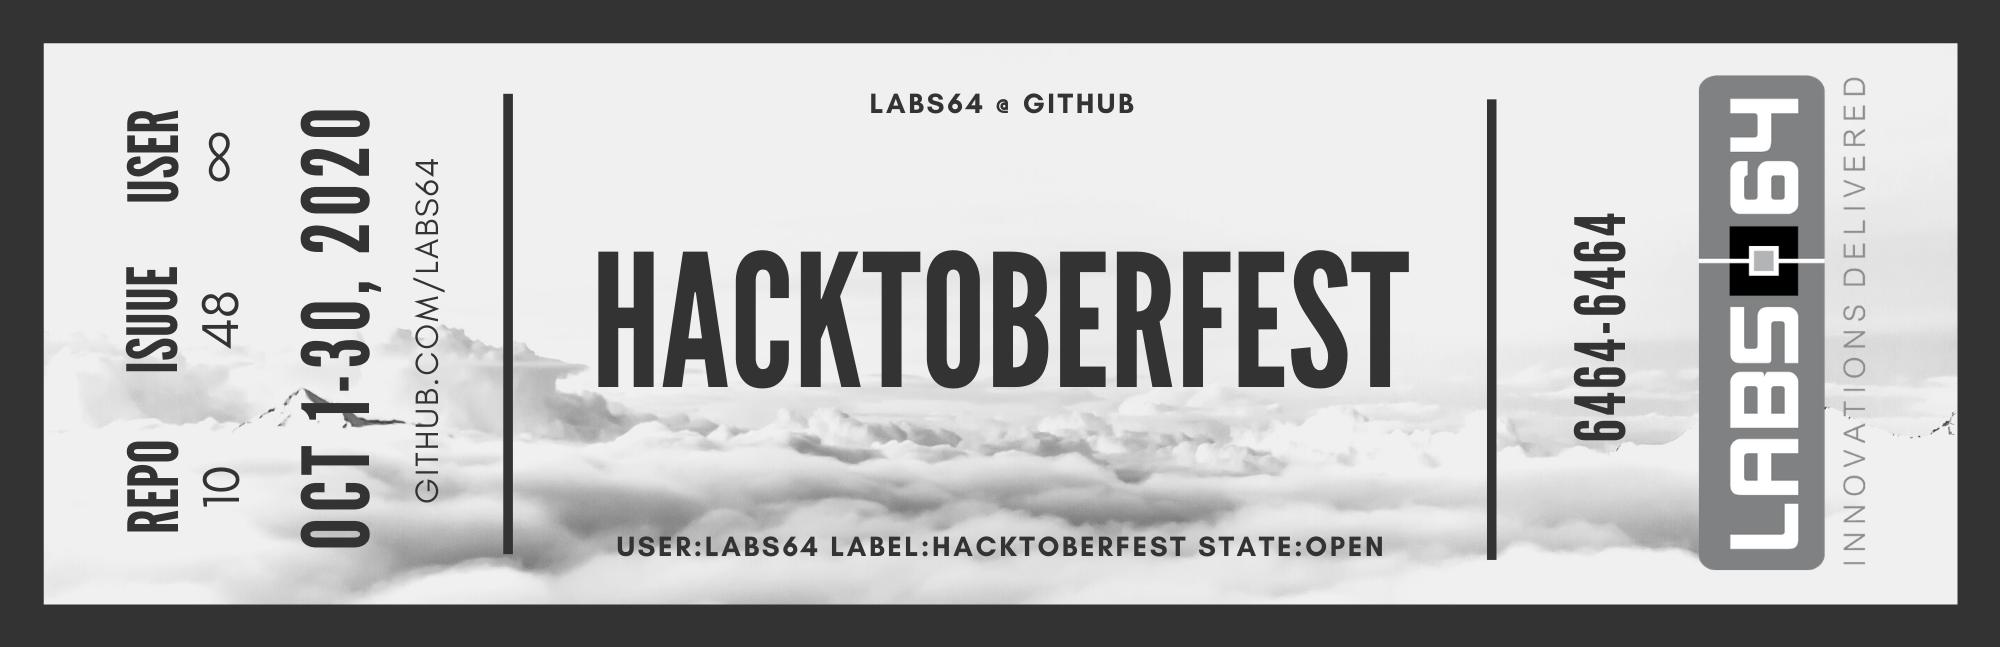 Hacktoberfest @ Labs64